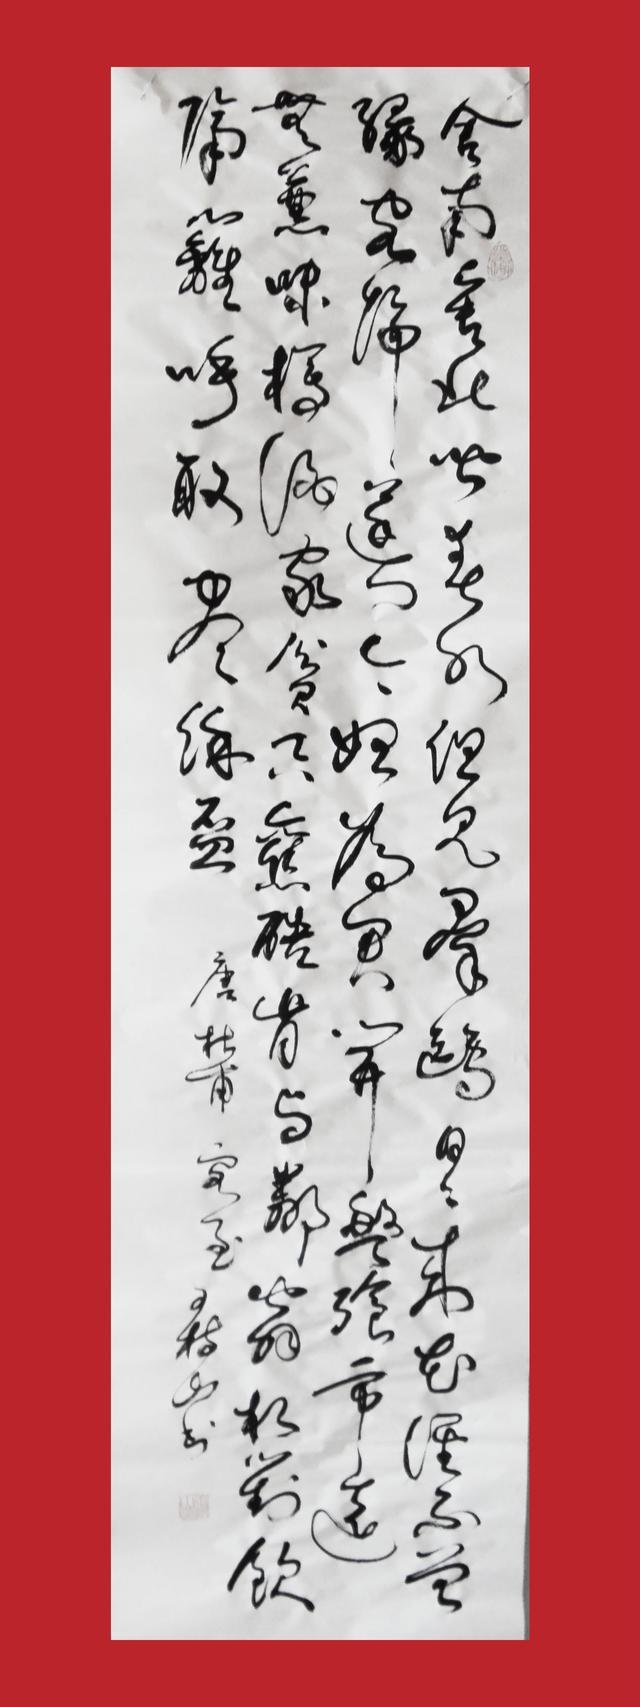 王樹山書法草書,被譽為「七律之冠」的《登高》詩等8首 - 每日頭條